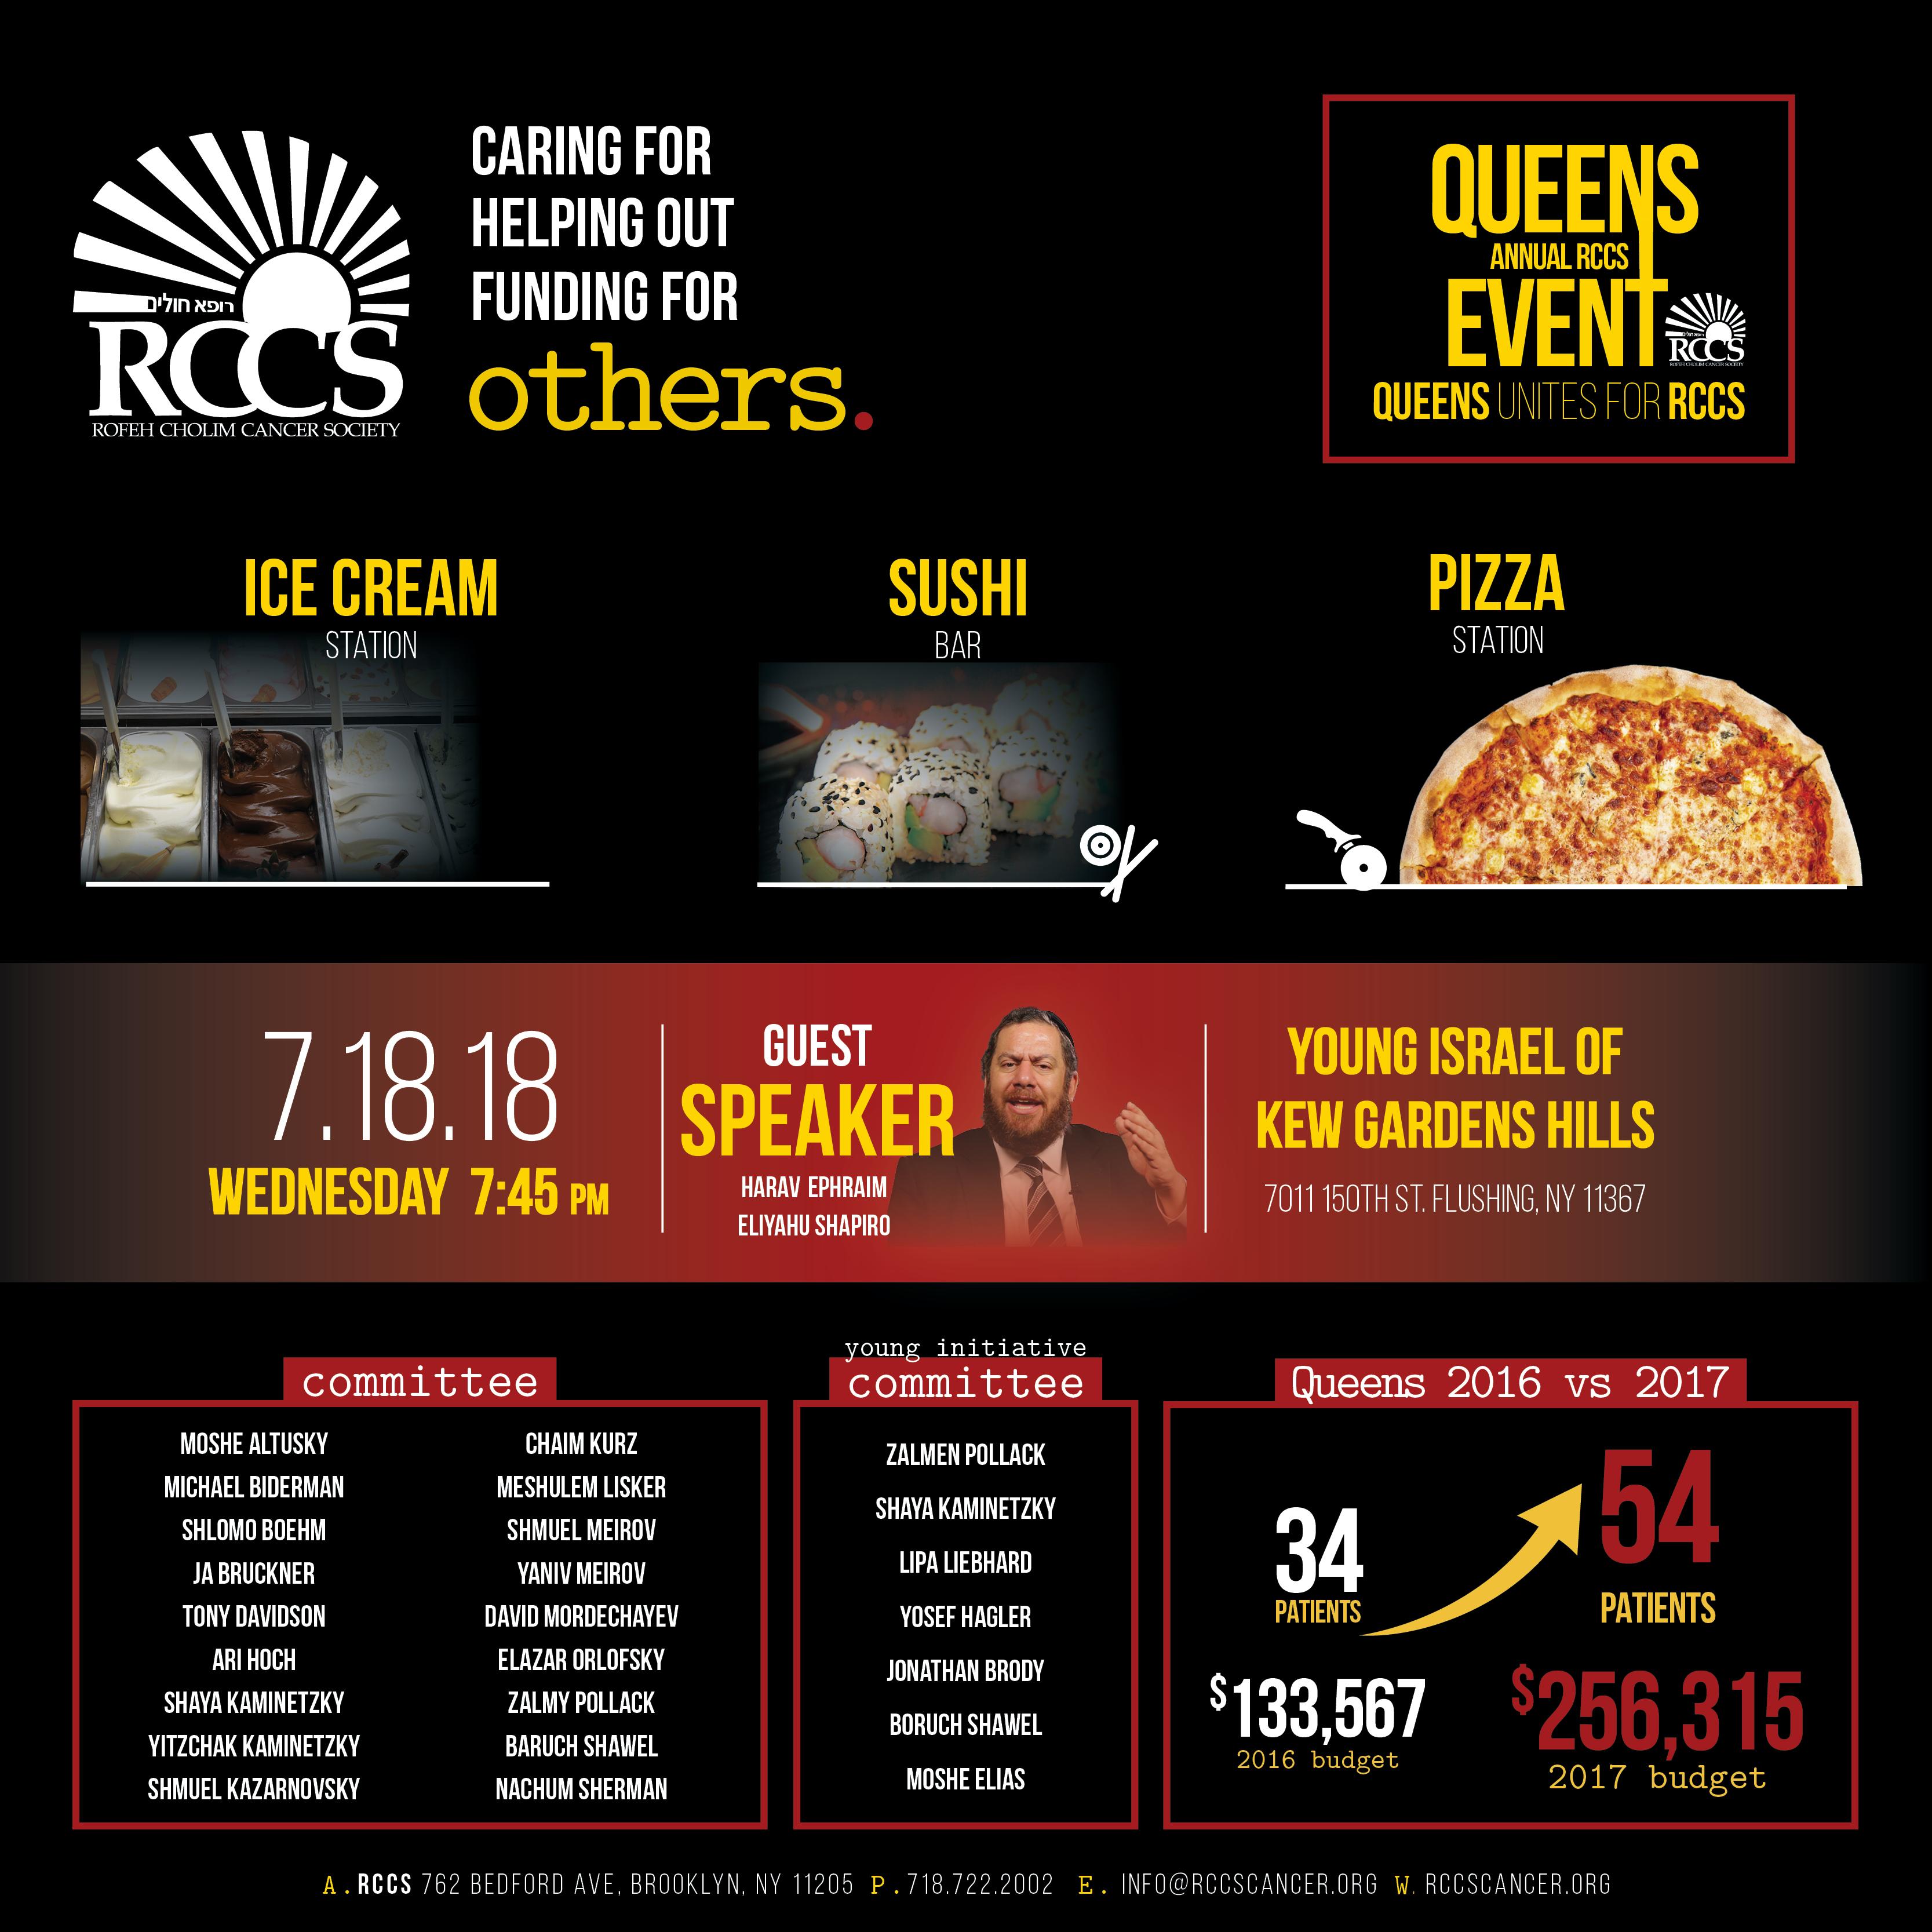 Queens Event 2018